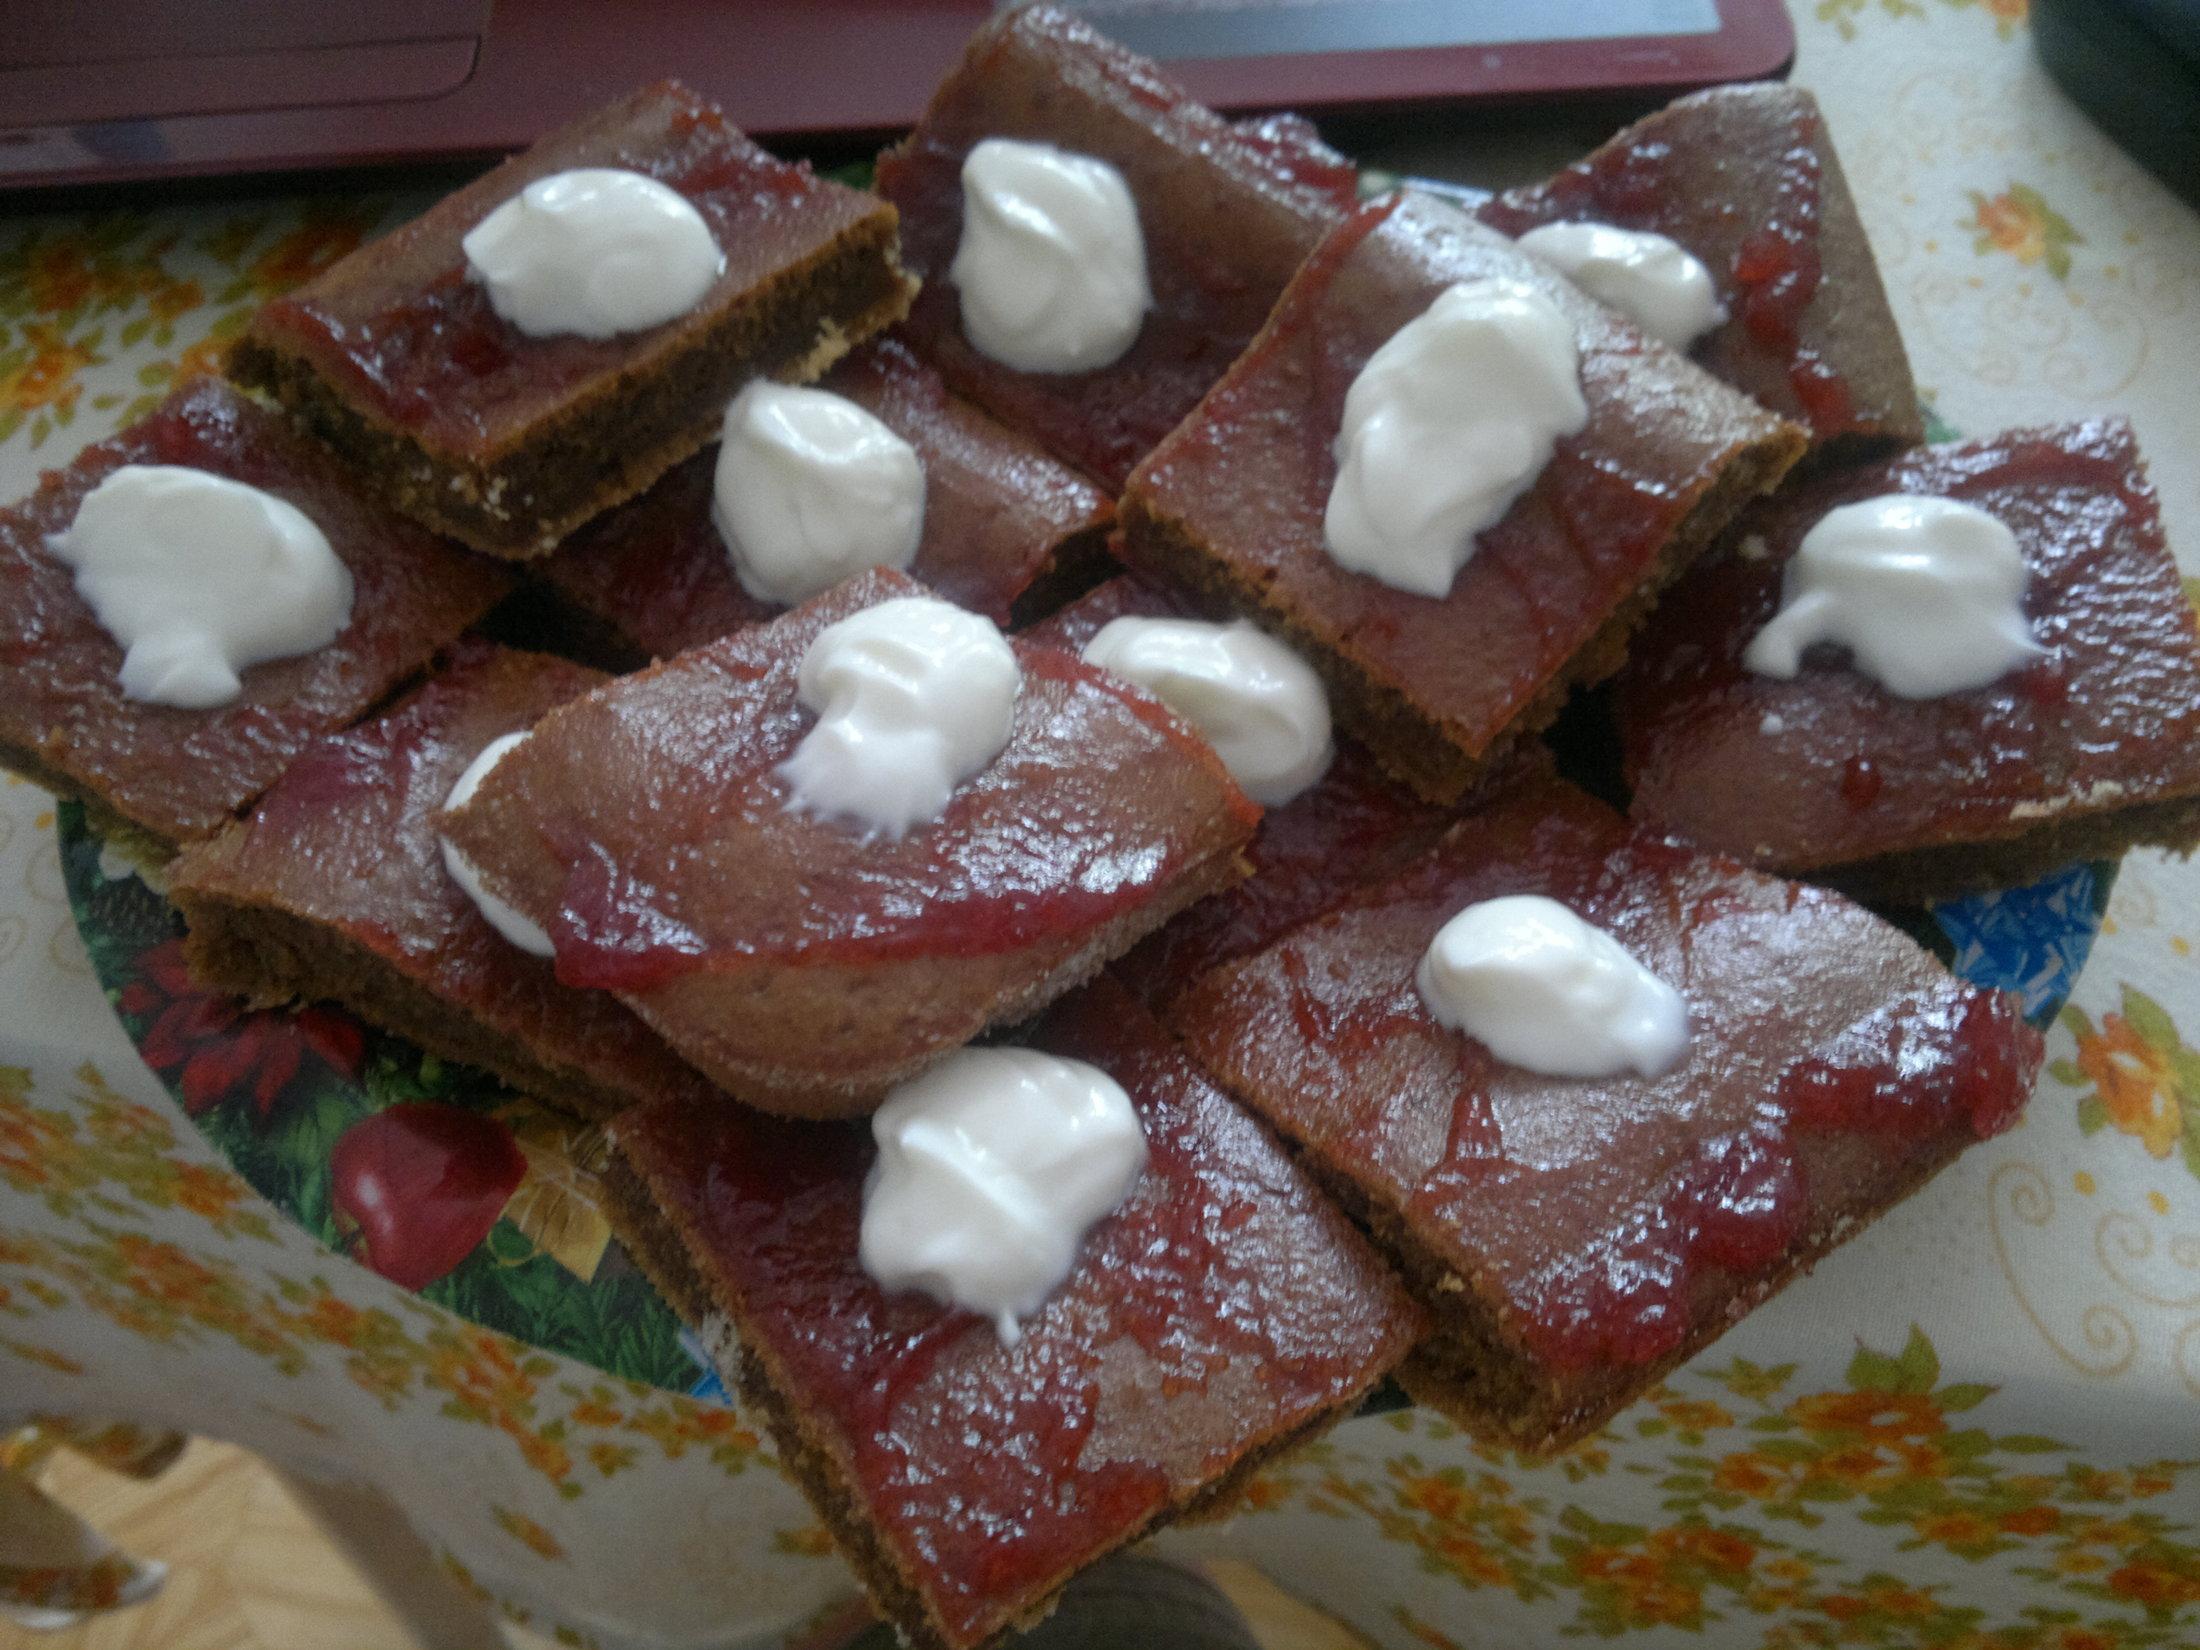 Recept Domácí perník - Naporcovaný perníček - rozpustná káva, marmeláda a tvaroh....